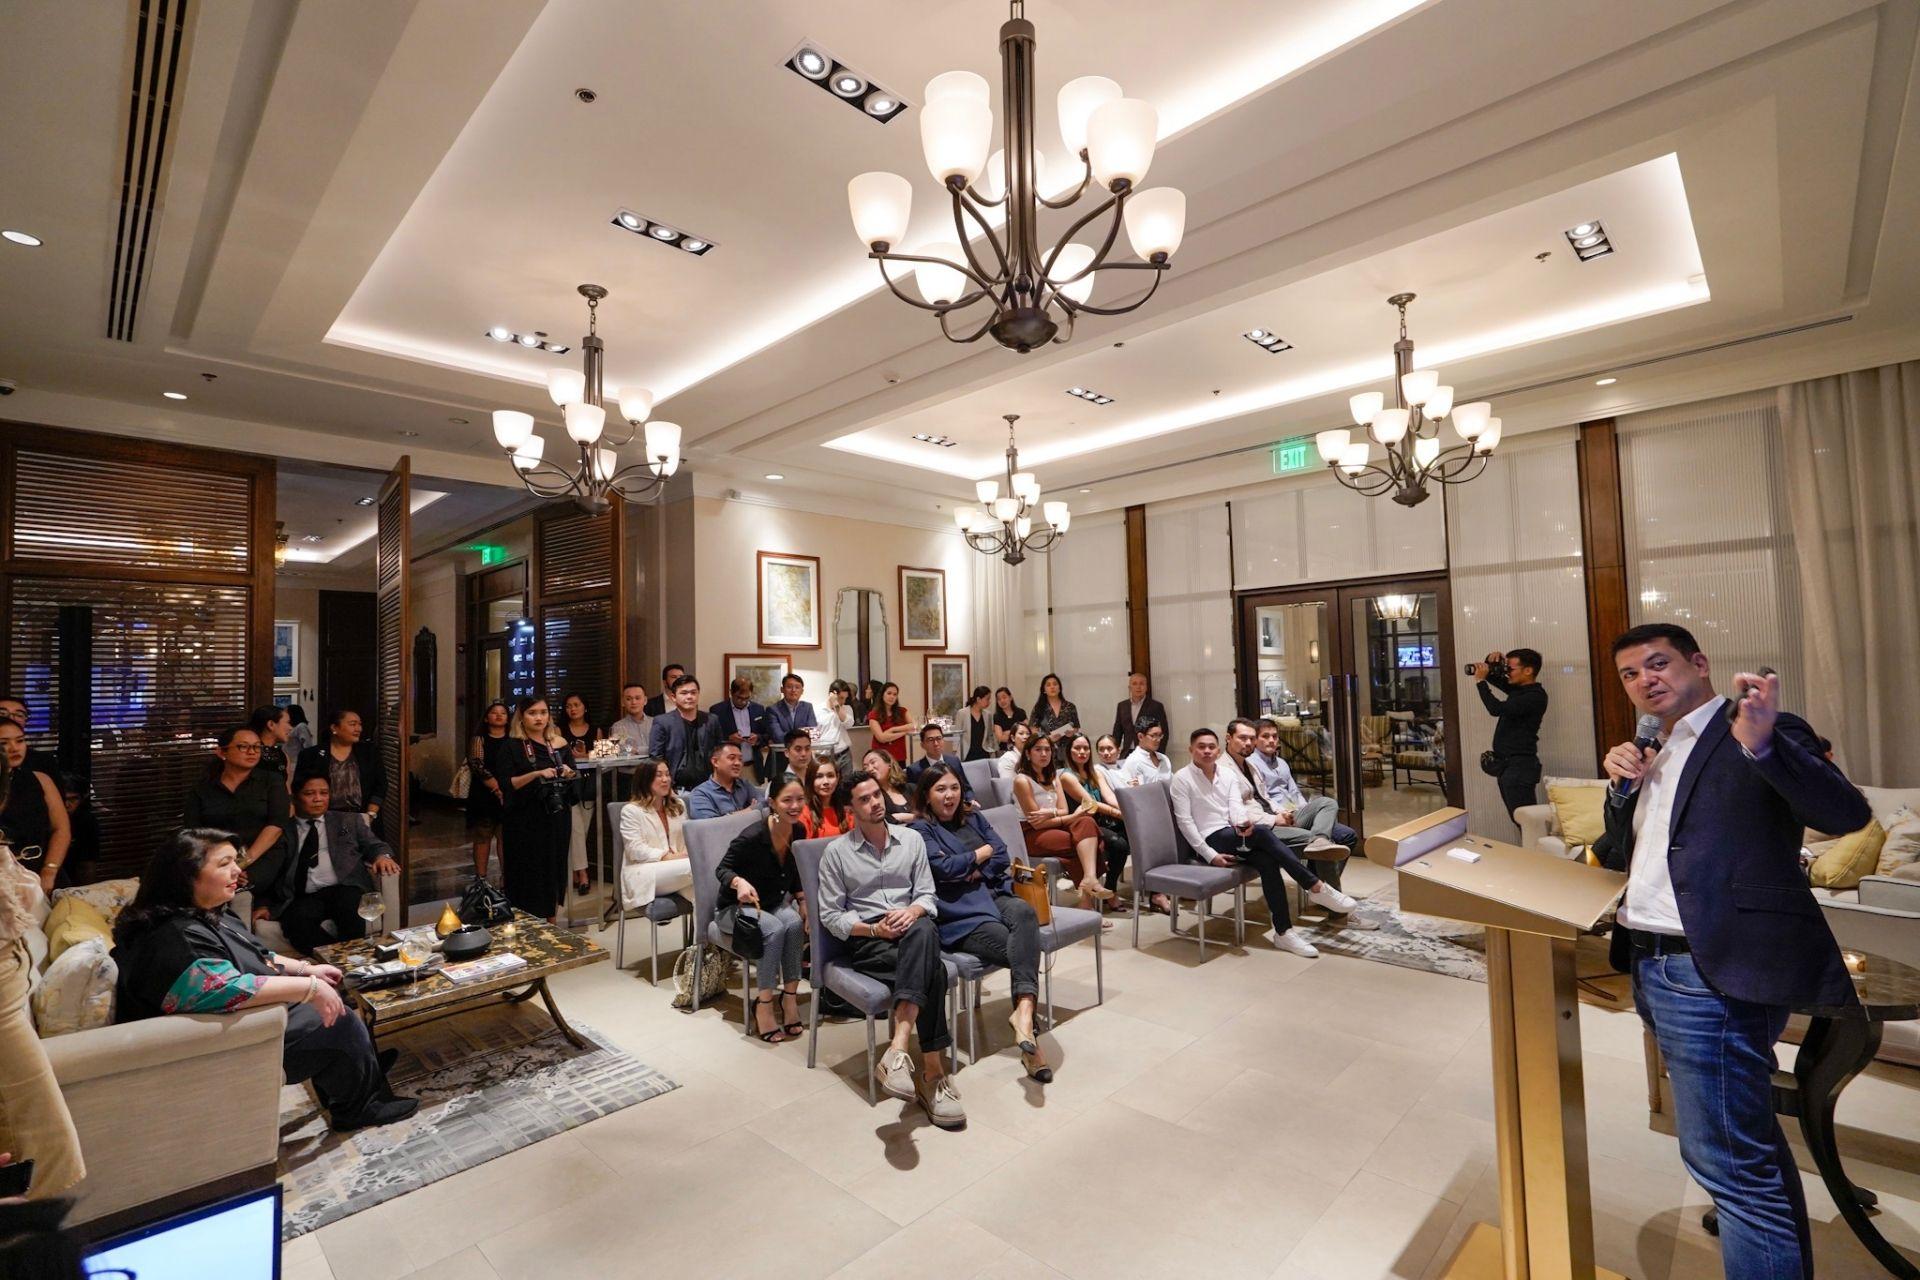 Enter The World Of: Start-Up Funding